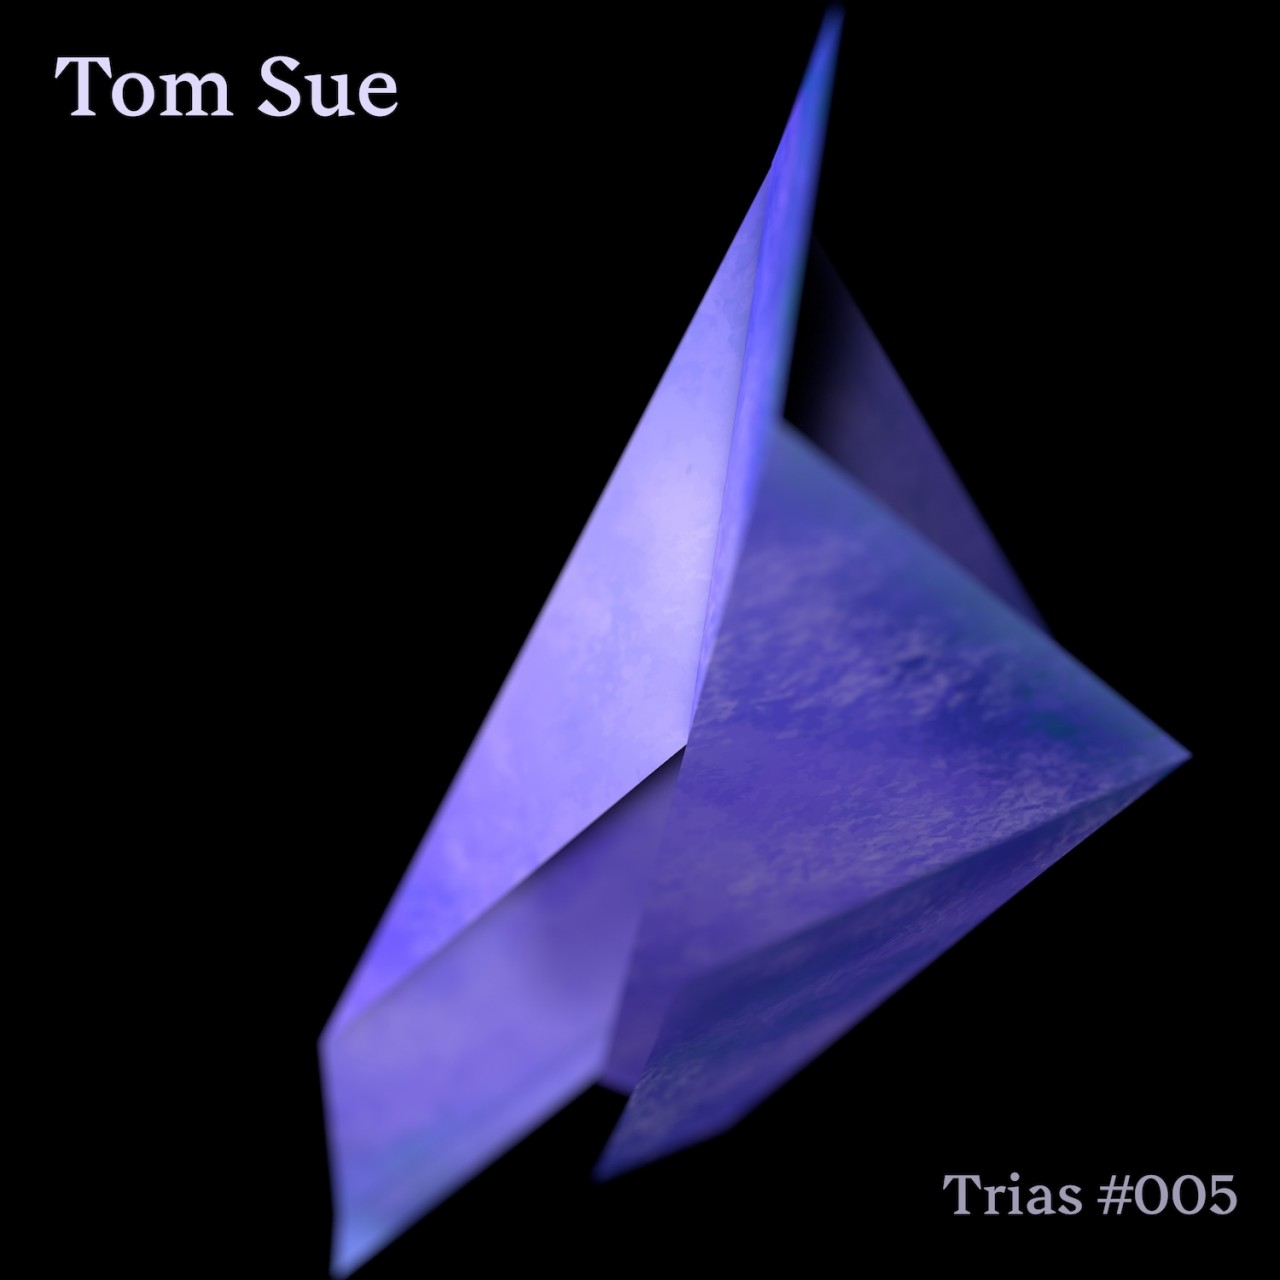 Trias Records #005